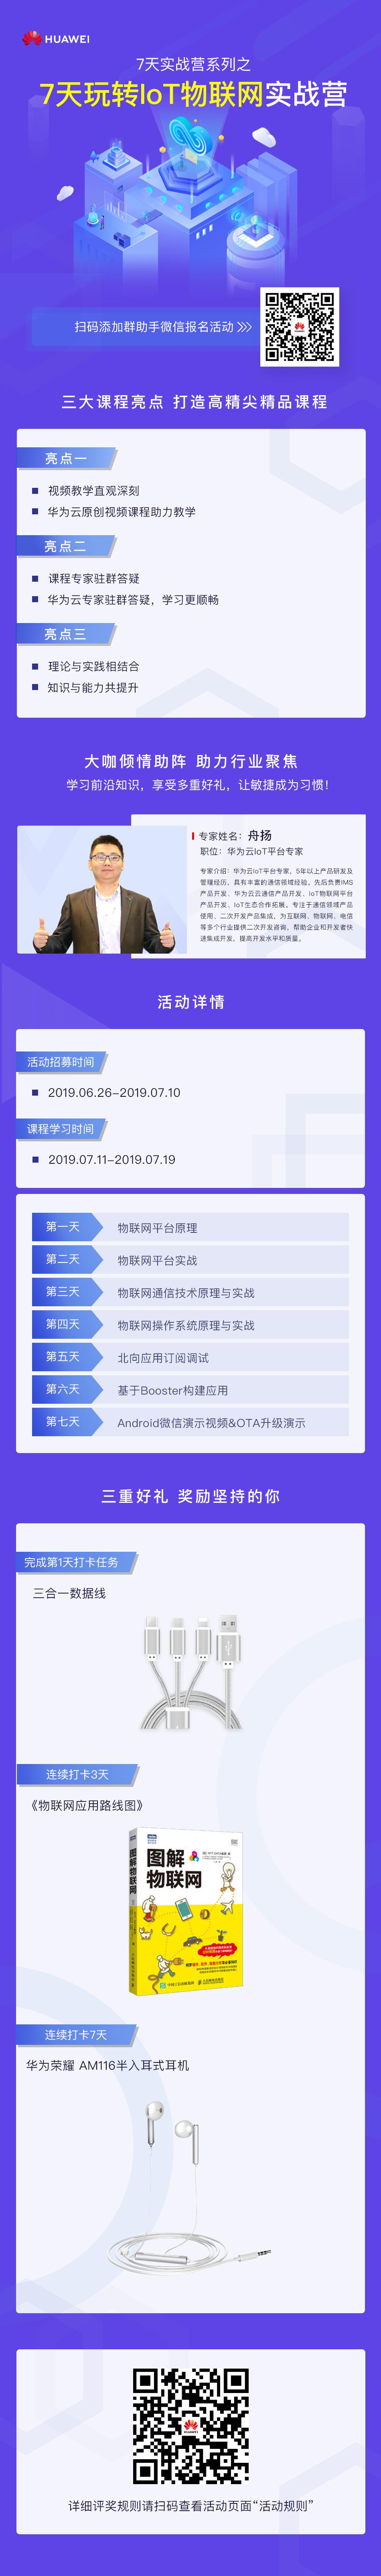 IOT-长图(7.3修改版本).png